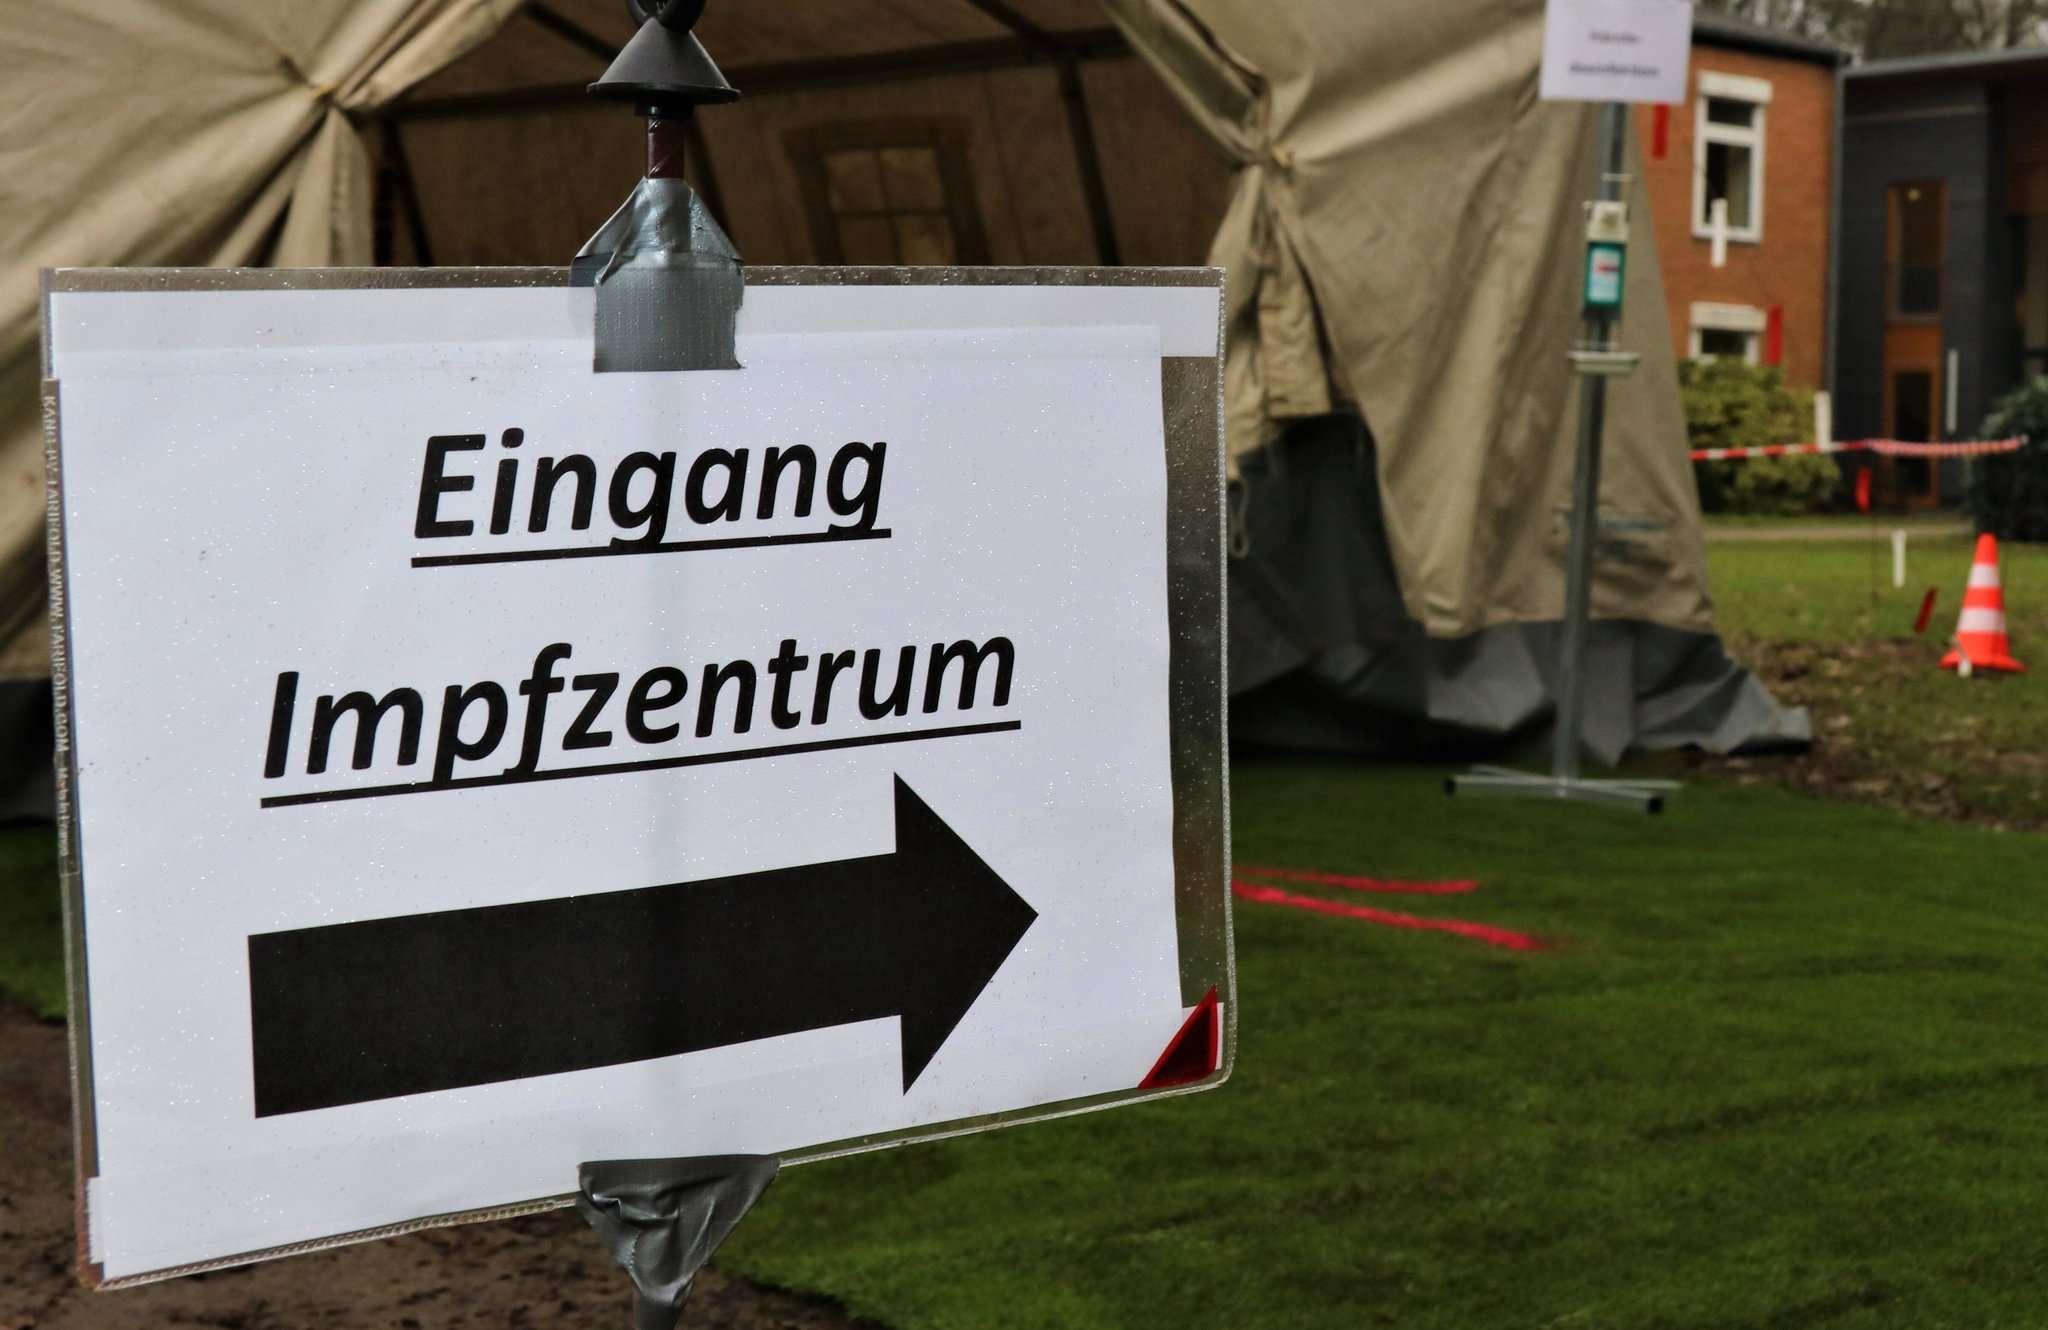 Bis der Betrieb im Impfzentrum in Zeven richtig los geht, wird es noch einige Tage dauern. Derzeit sind vor allem die mobilen Teams im Landkreis unterwegs. Foto: Nina Baucke